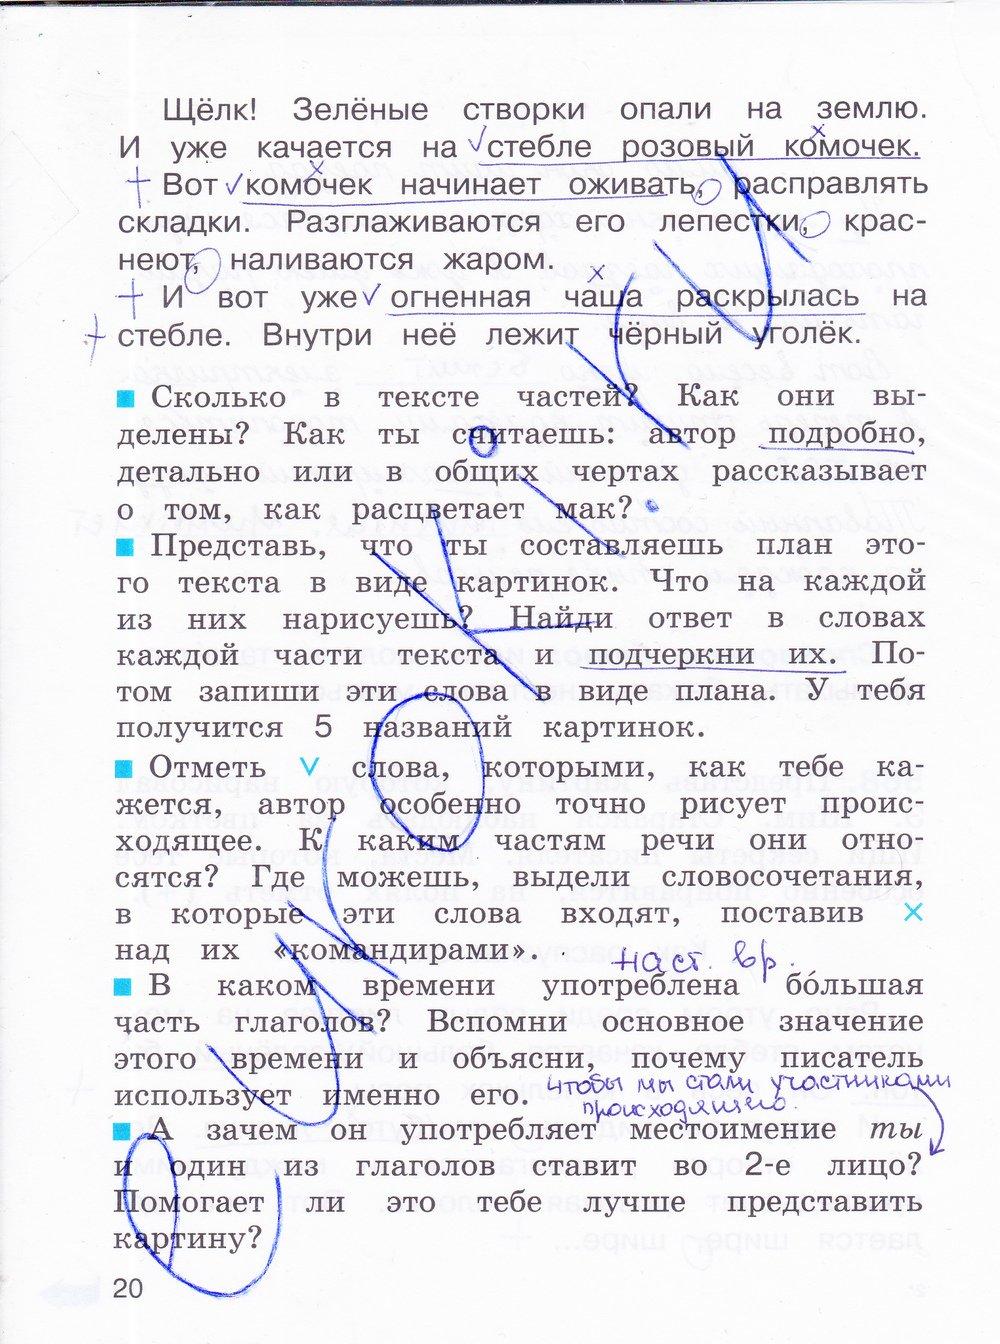 гдз по русскому 4 класс соловейчик 3 часть тетрадь